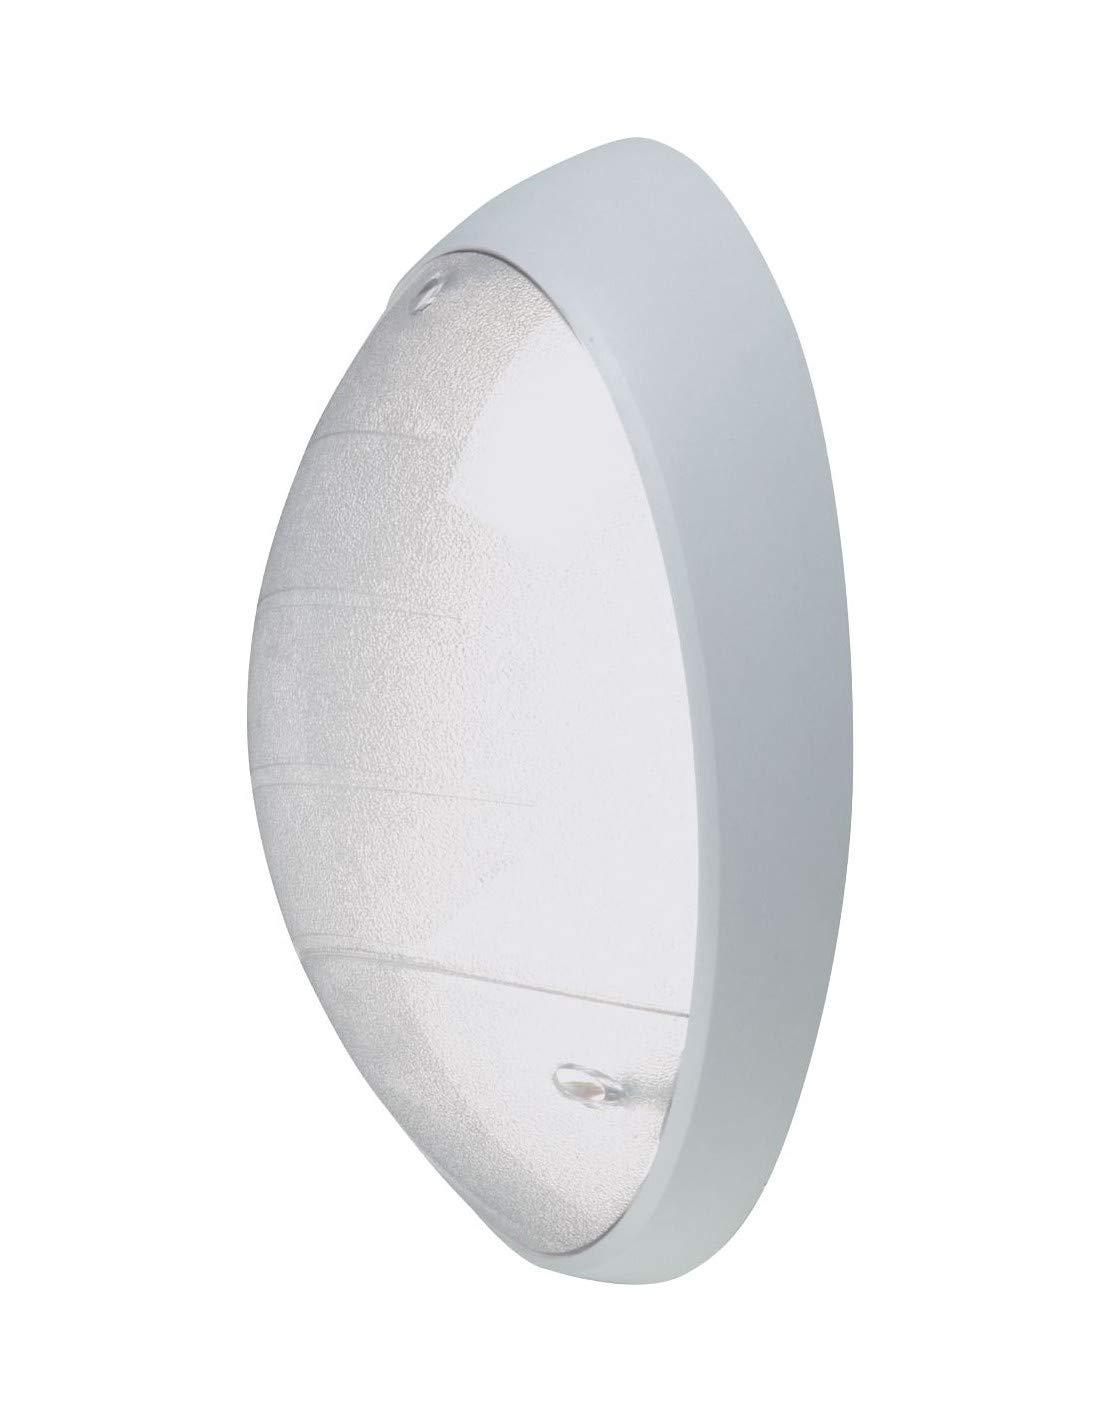 hublot ovale - atoll - e27 - 75w - e27 - dé tecteur - blanc - l'é bé noid 79550 L' ébénoid